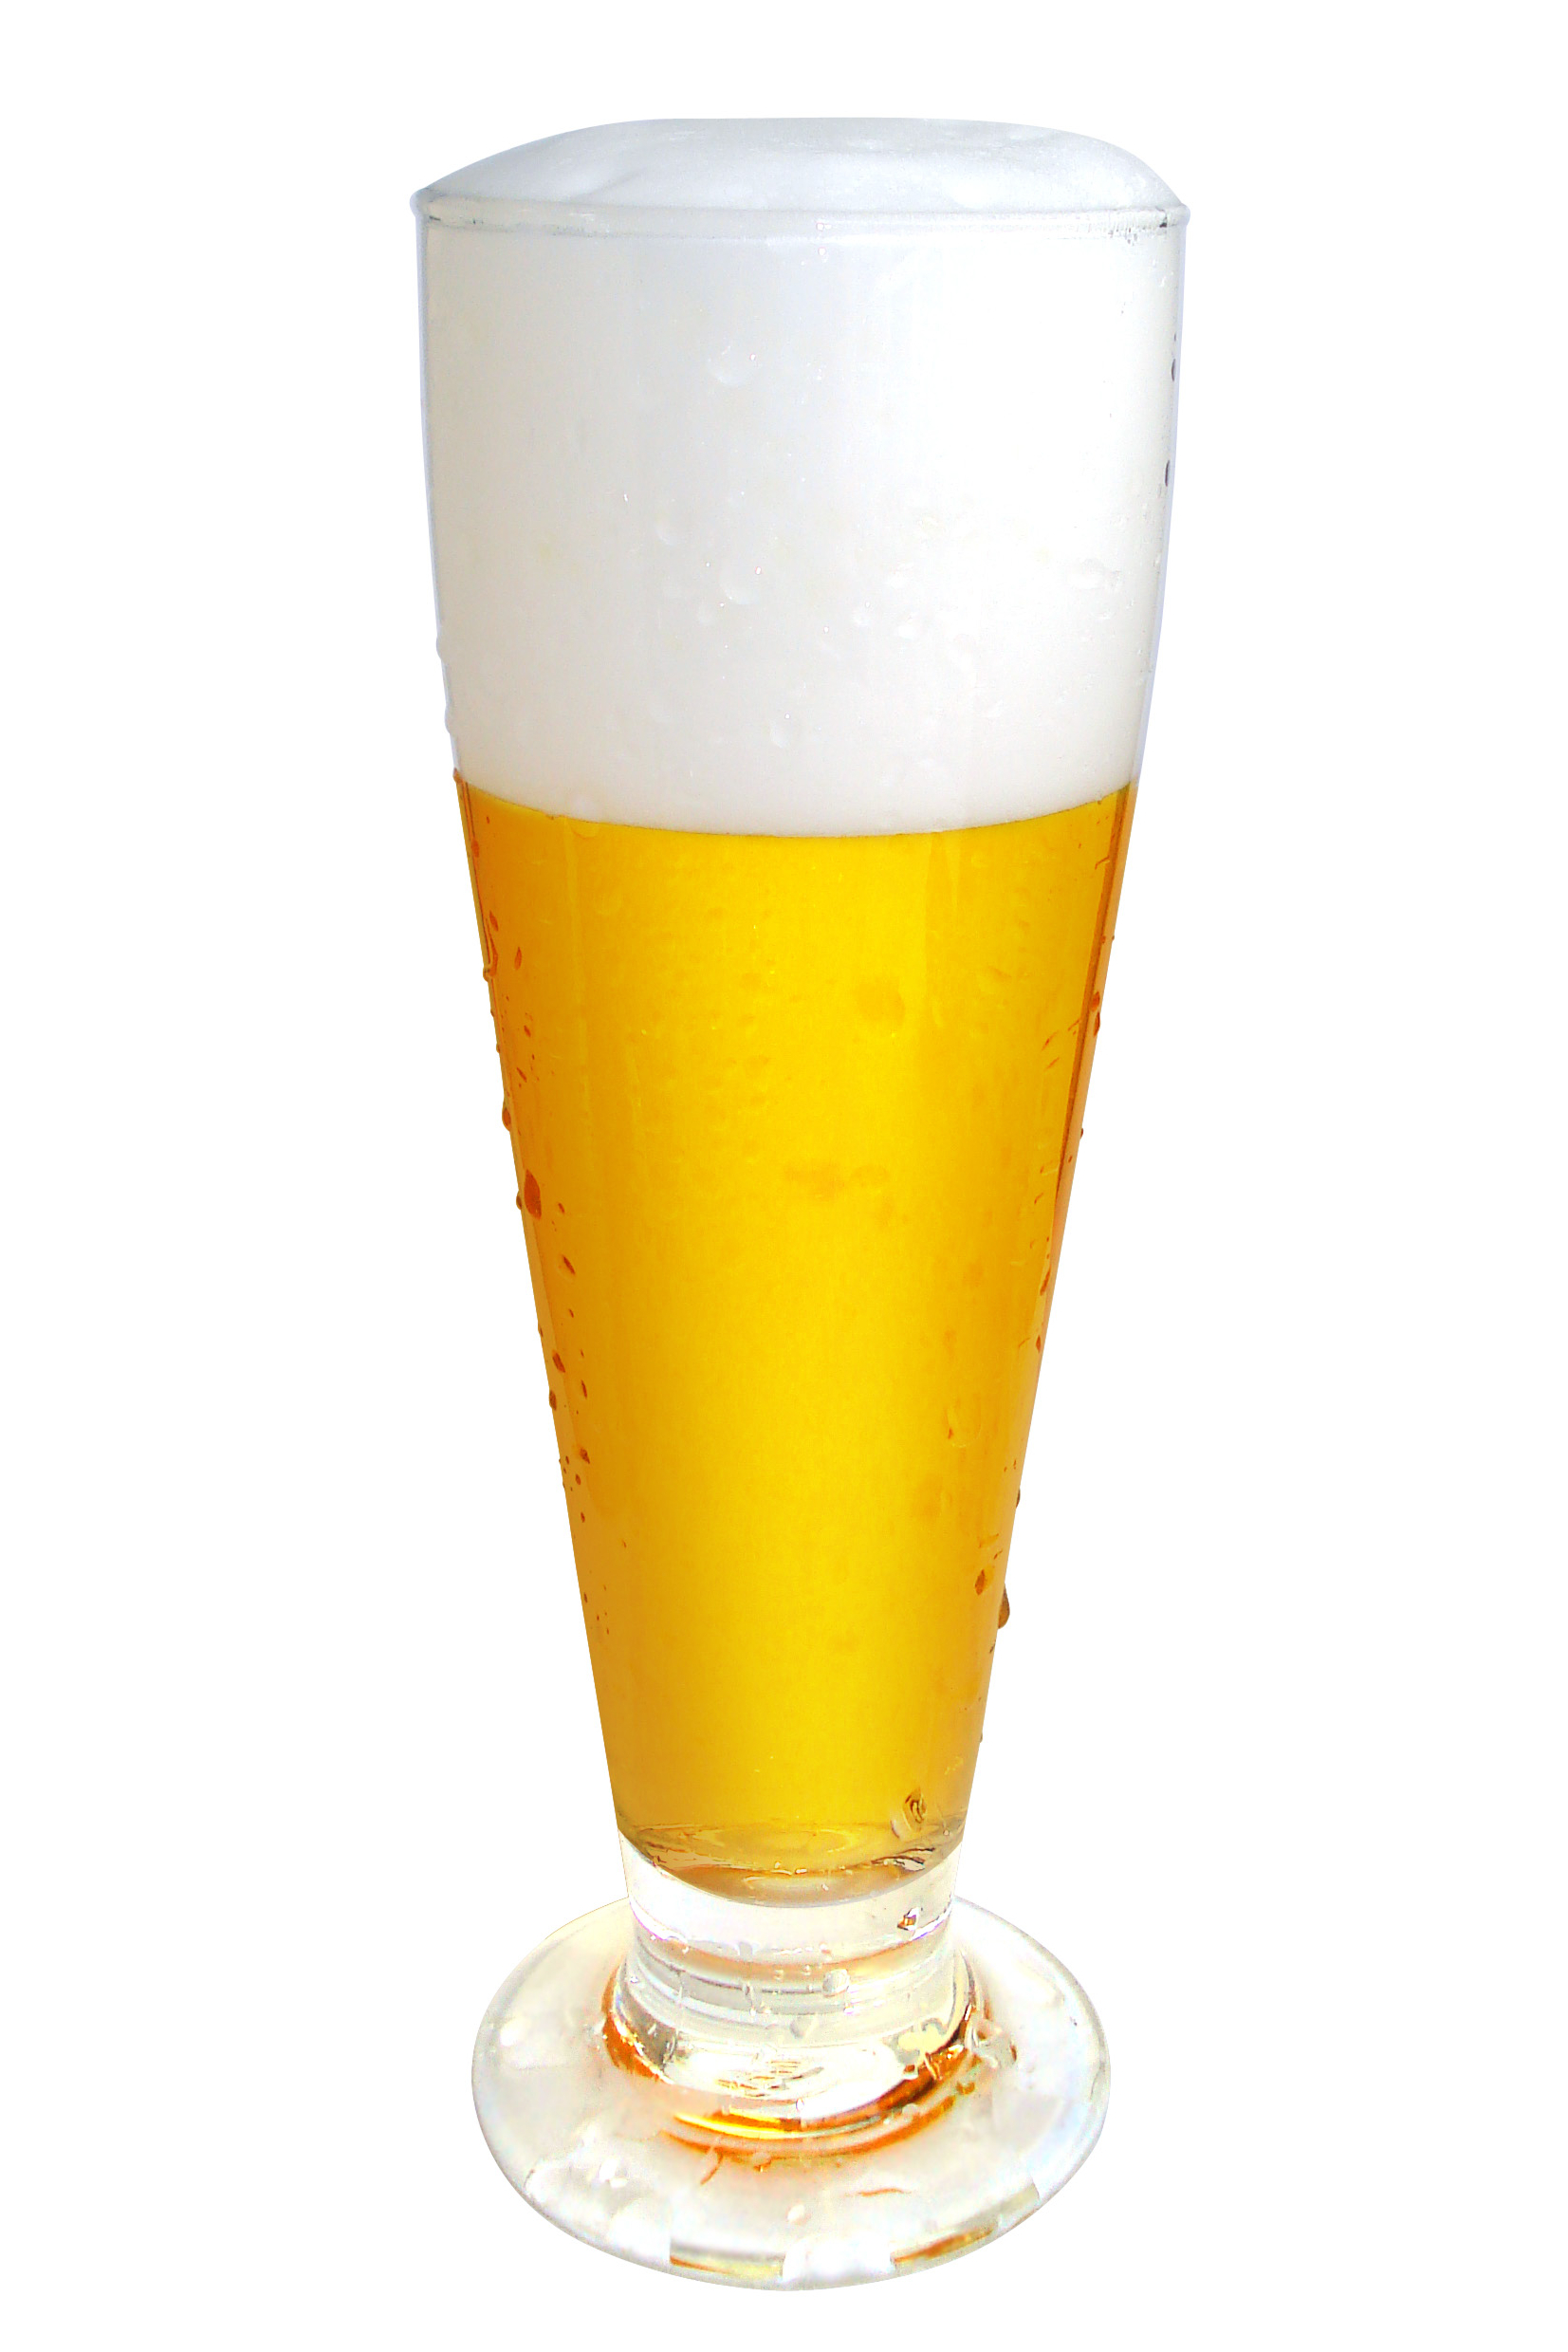 клипарт, фото, обои, стакан пива